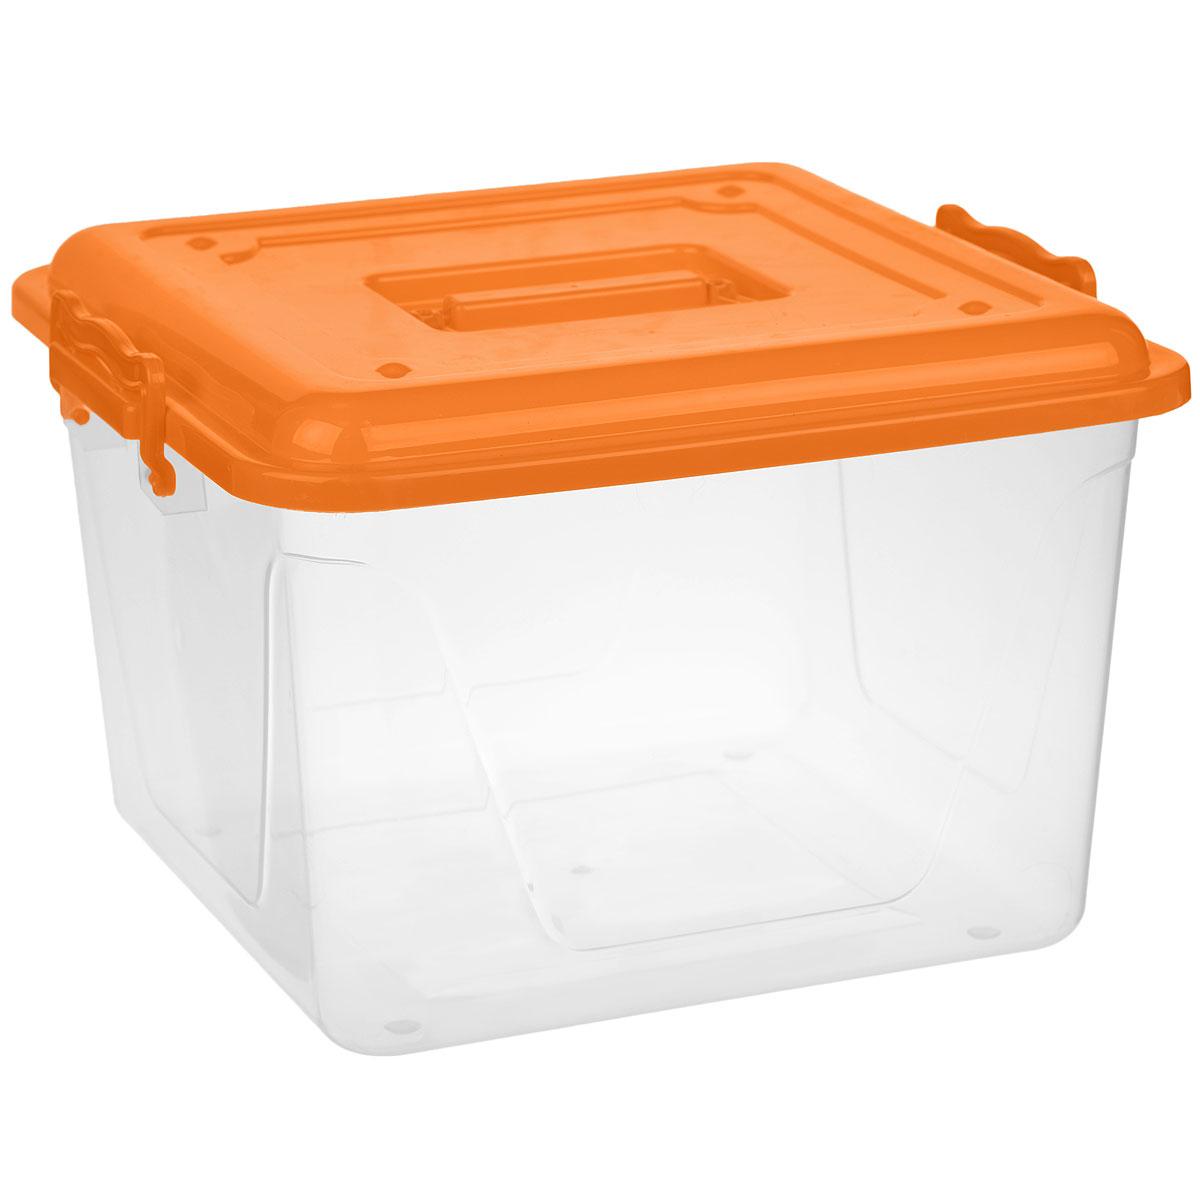 Контейнер Альтернатива, цвет: оранжевый, прозрачный, 15 лМ1023Контейнер Альтернатива выполнен из прочного цветного пластика и предназначен для хранения различных бытовых вещей и продуктов. Контейнер оснащен по бокам ручками, которые плотно закрывают крышку контейнера. Также на крышке имеется ручка для удобной переноски. Контейнер поможет хранить все в одном месте и защитить вещи от пыли, грязи и влаги.